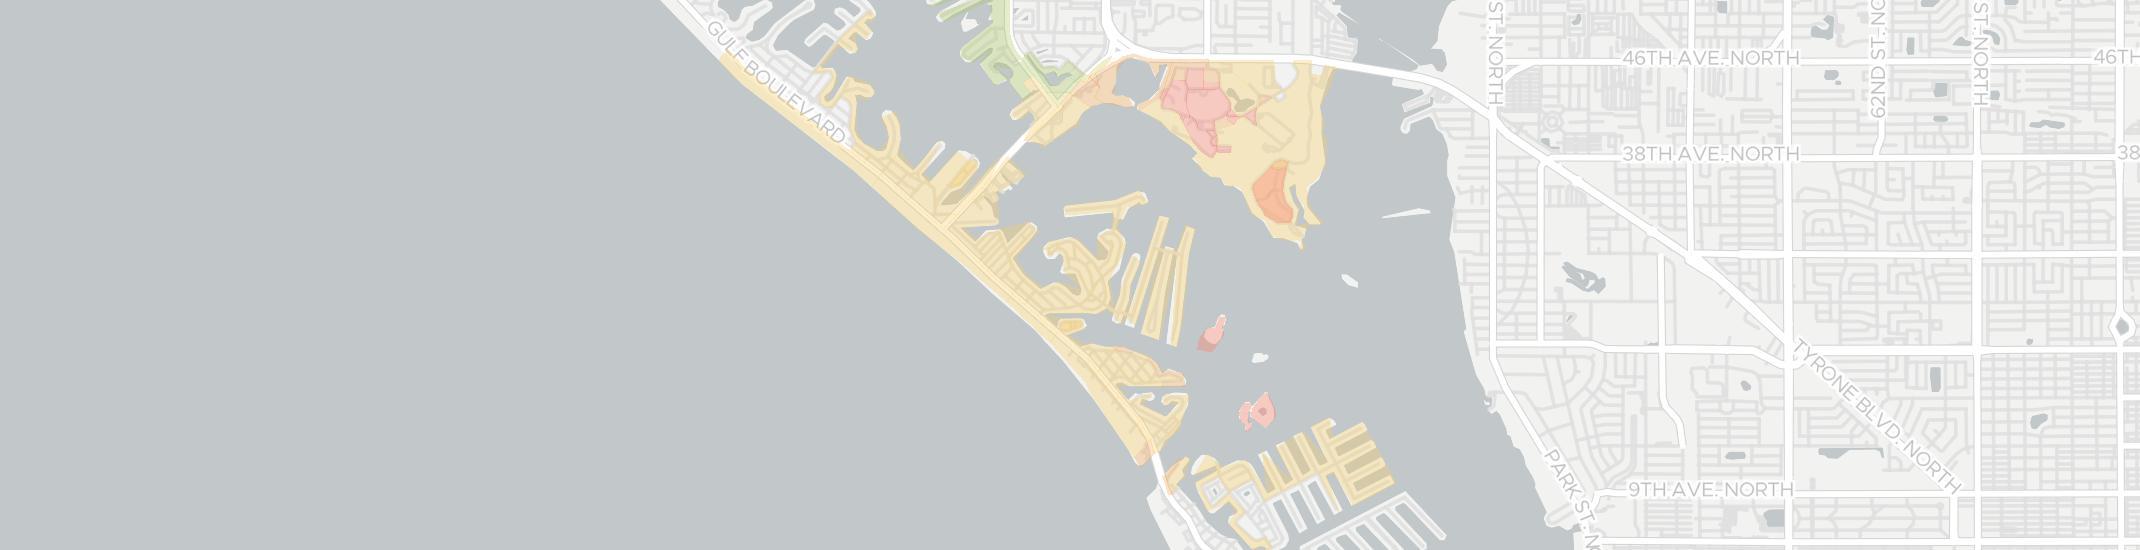 Internet Providers In Madeira Beach Fl Compare 11 Providers